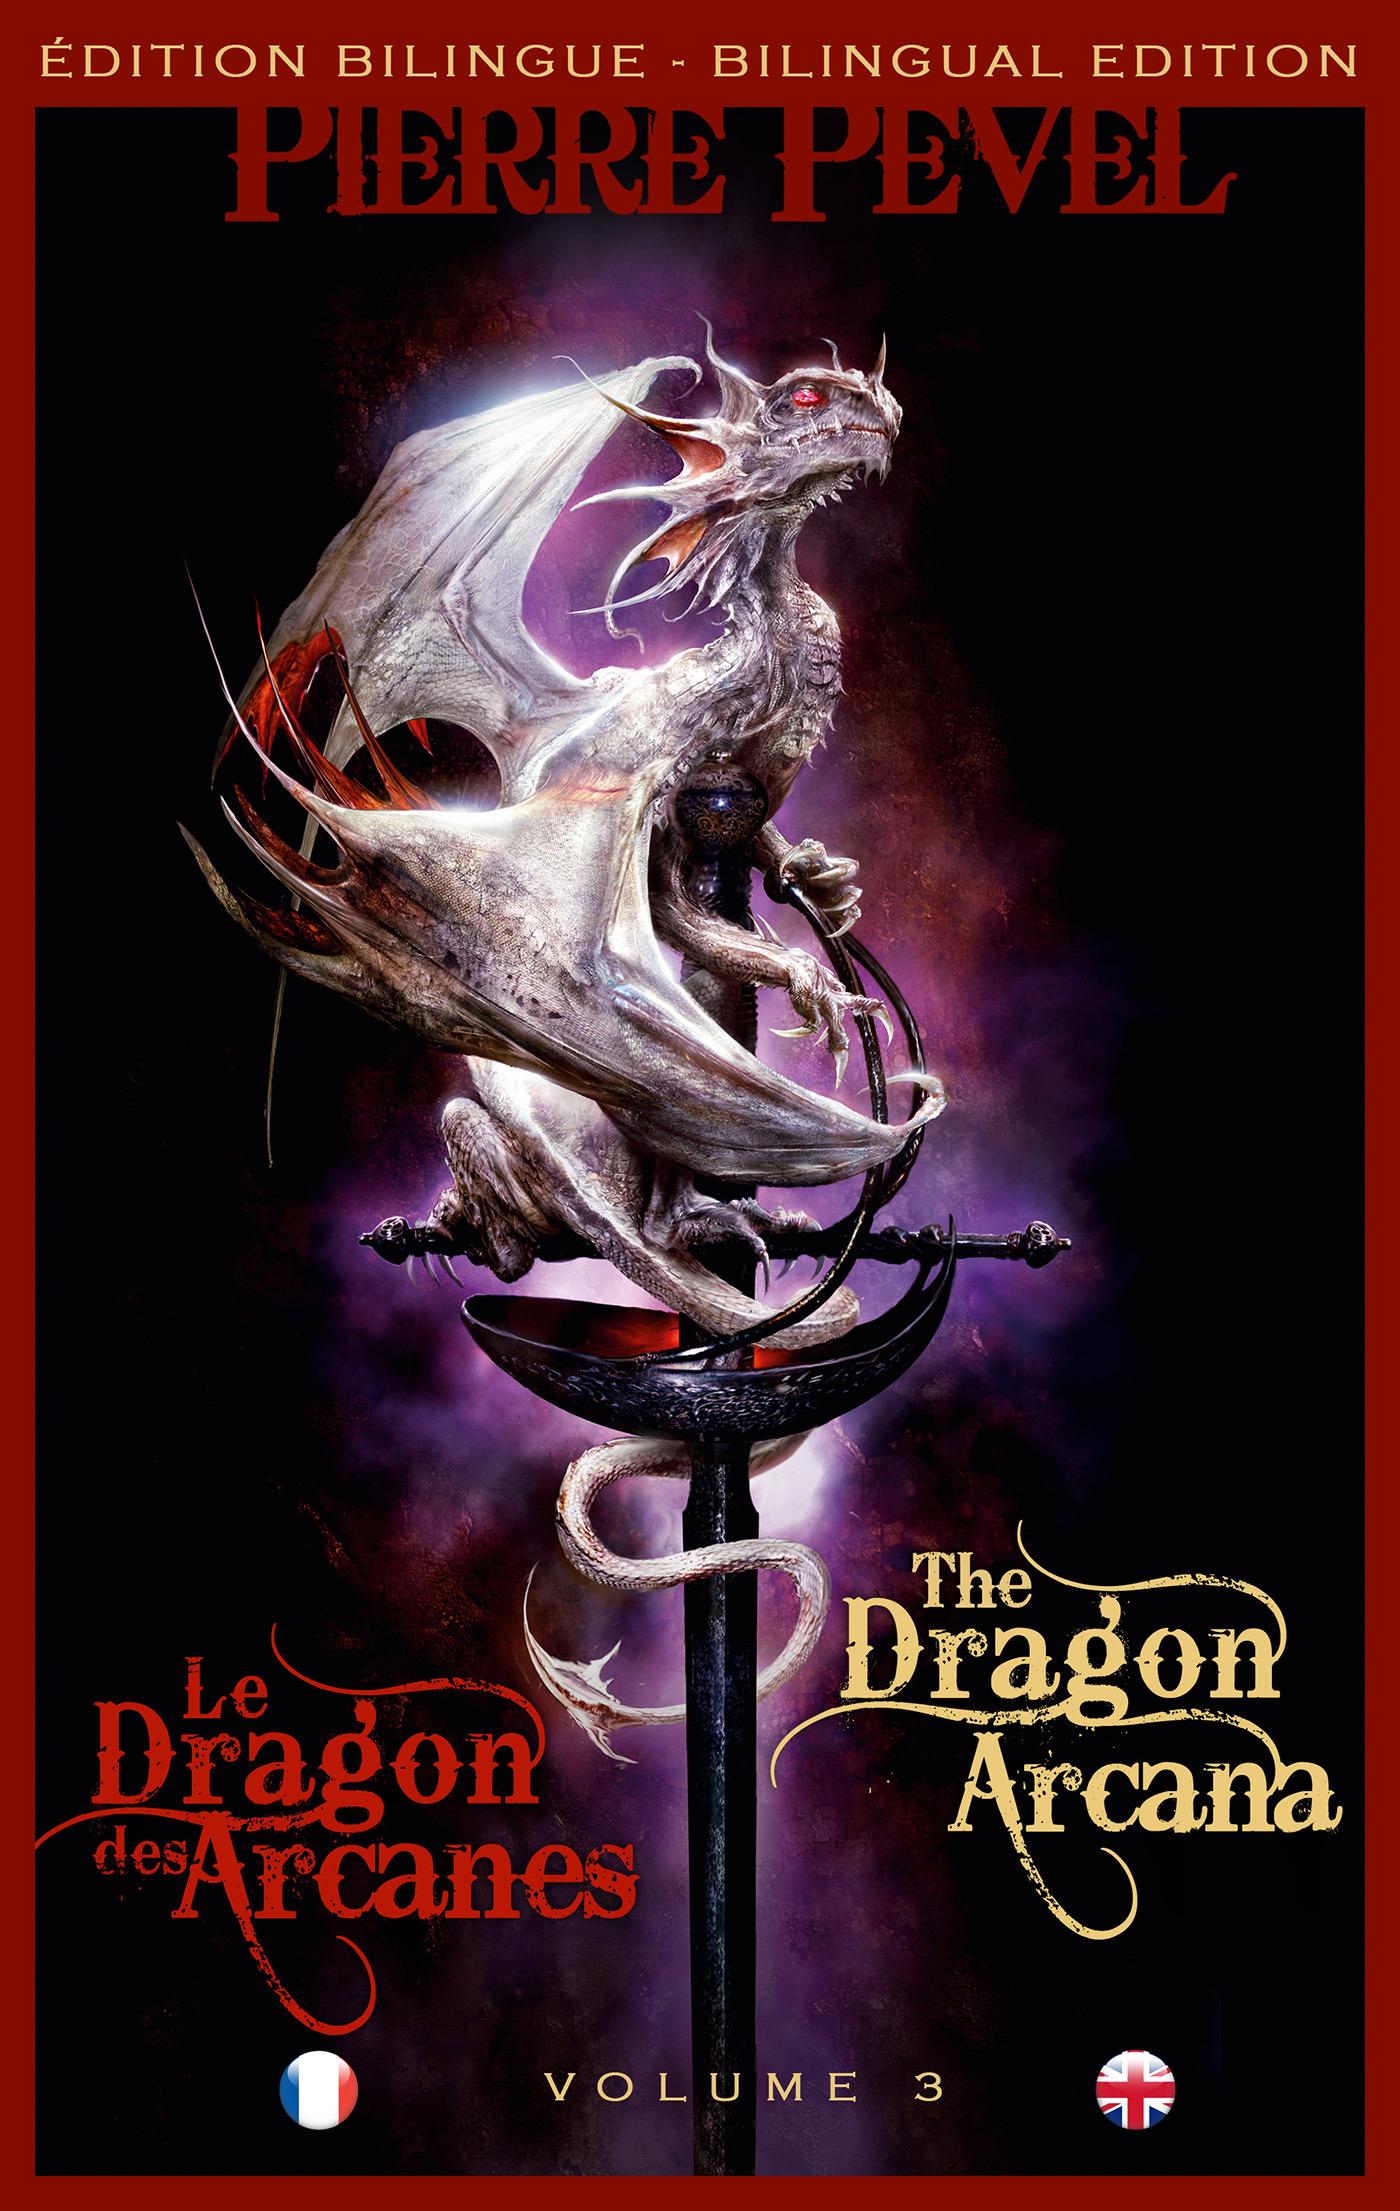 Le Dragon des Arcanes / The Dragon Arcana, LES LAMES DU CARDINAL, T3